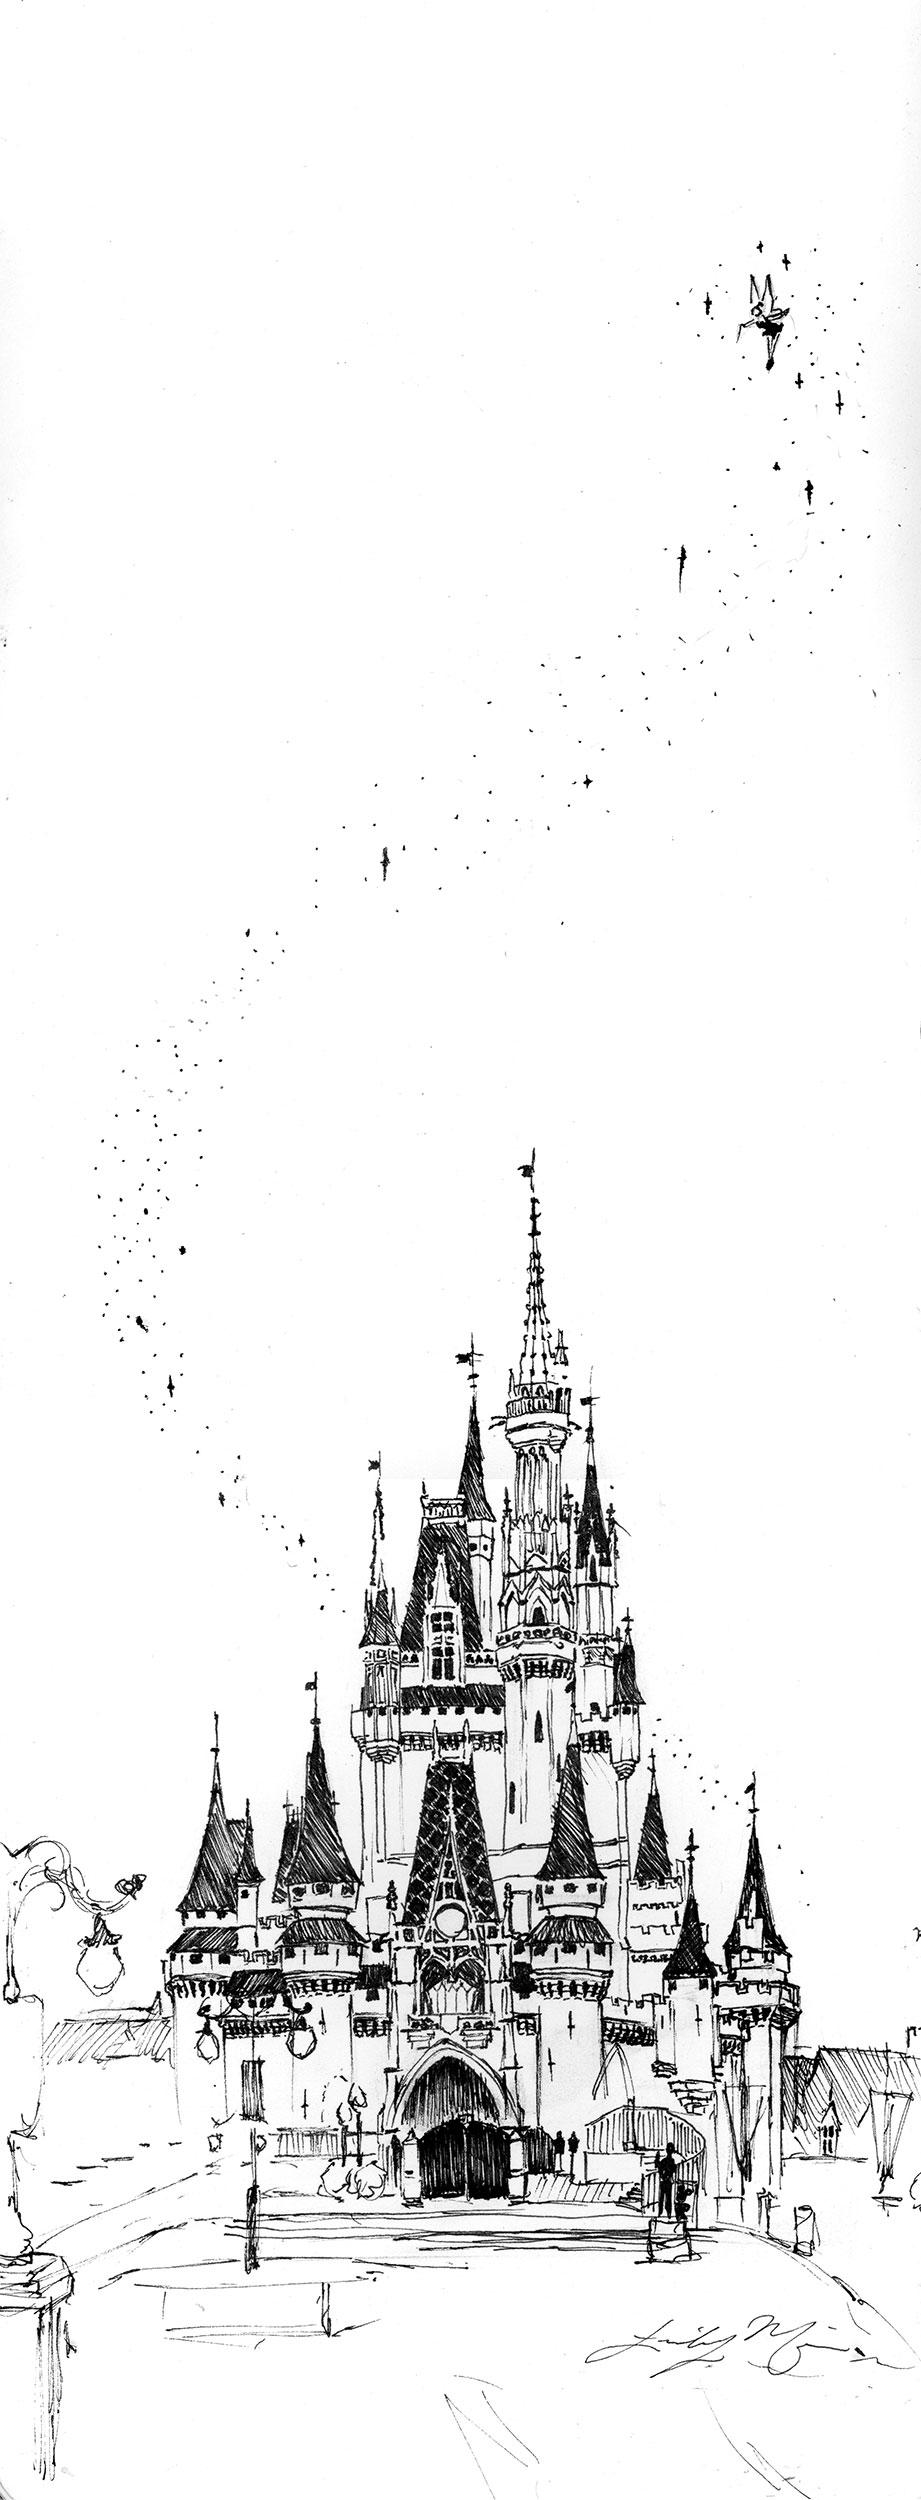 DisneyCastle_2500.jpg